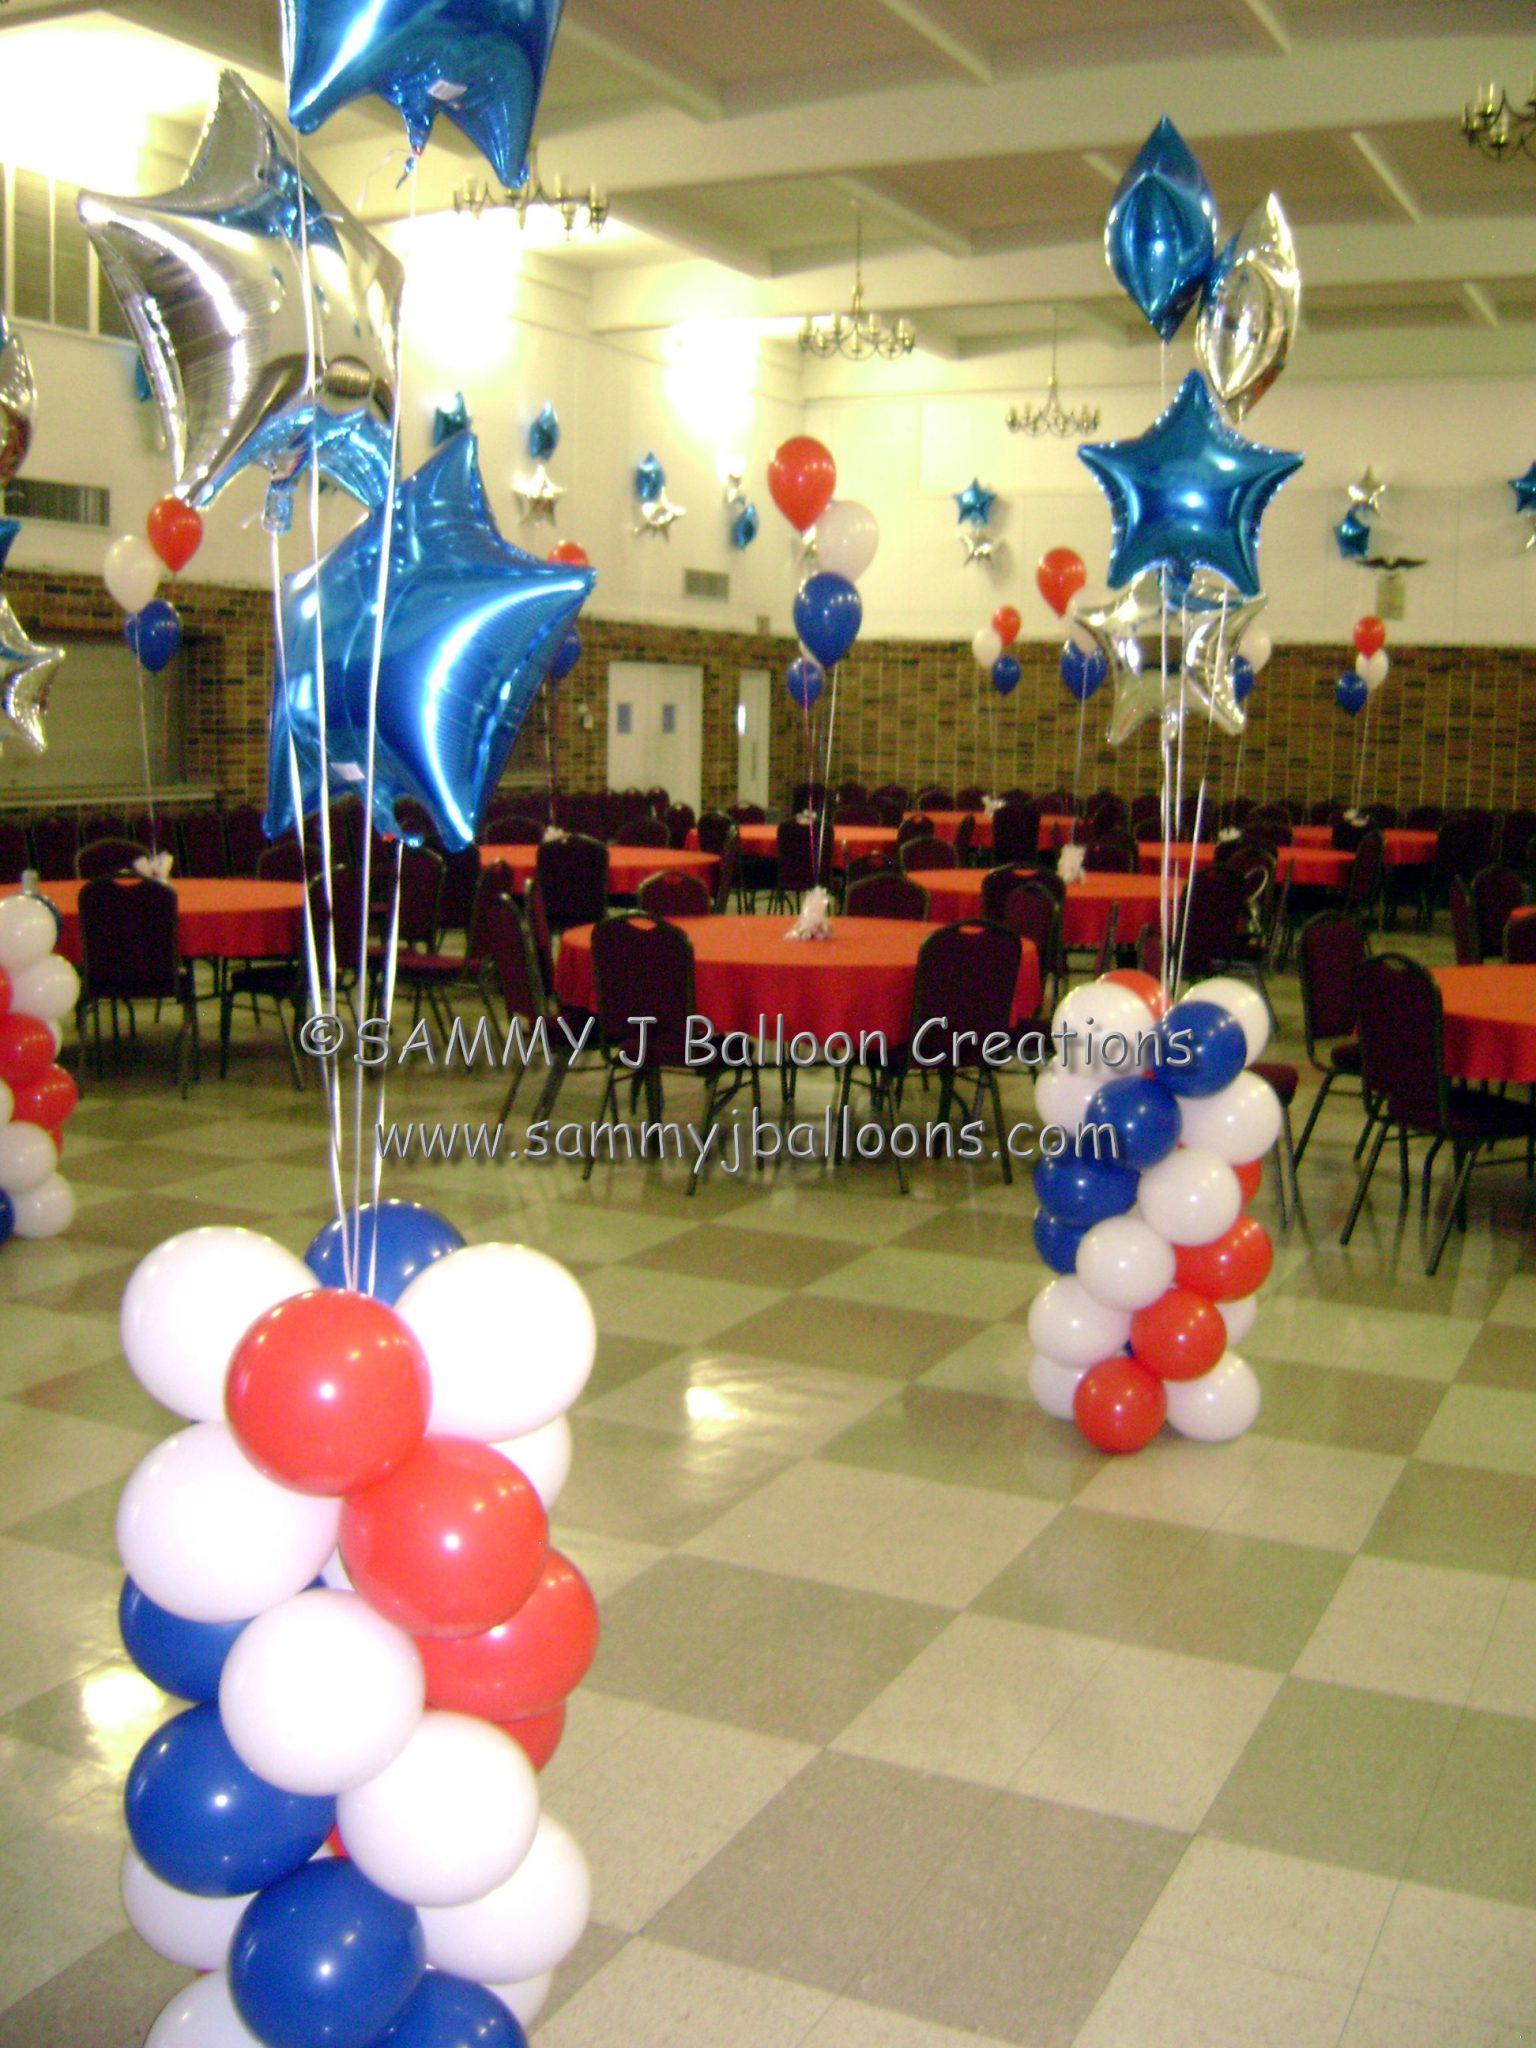 SAMMY J Balloon Creations st louis balloons patriotic column stars